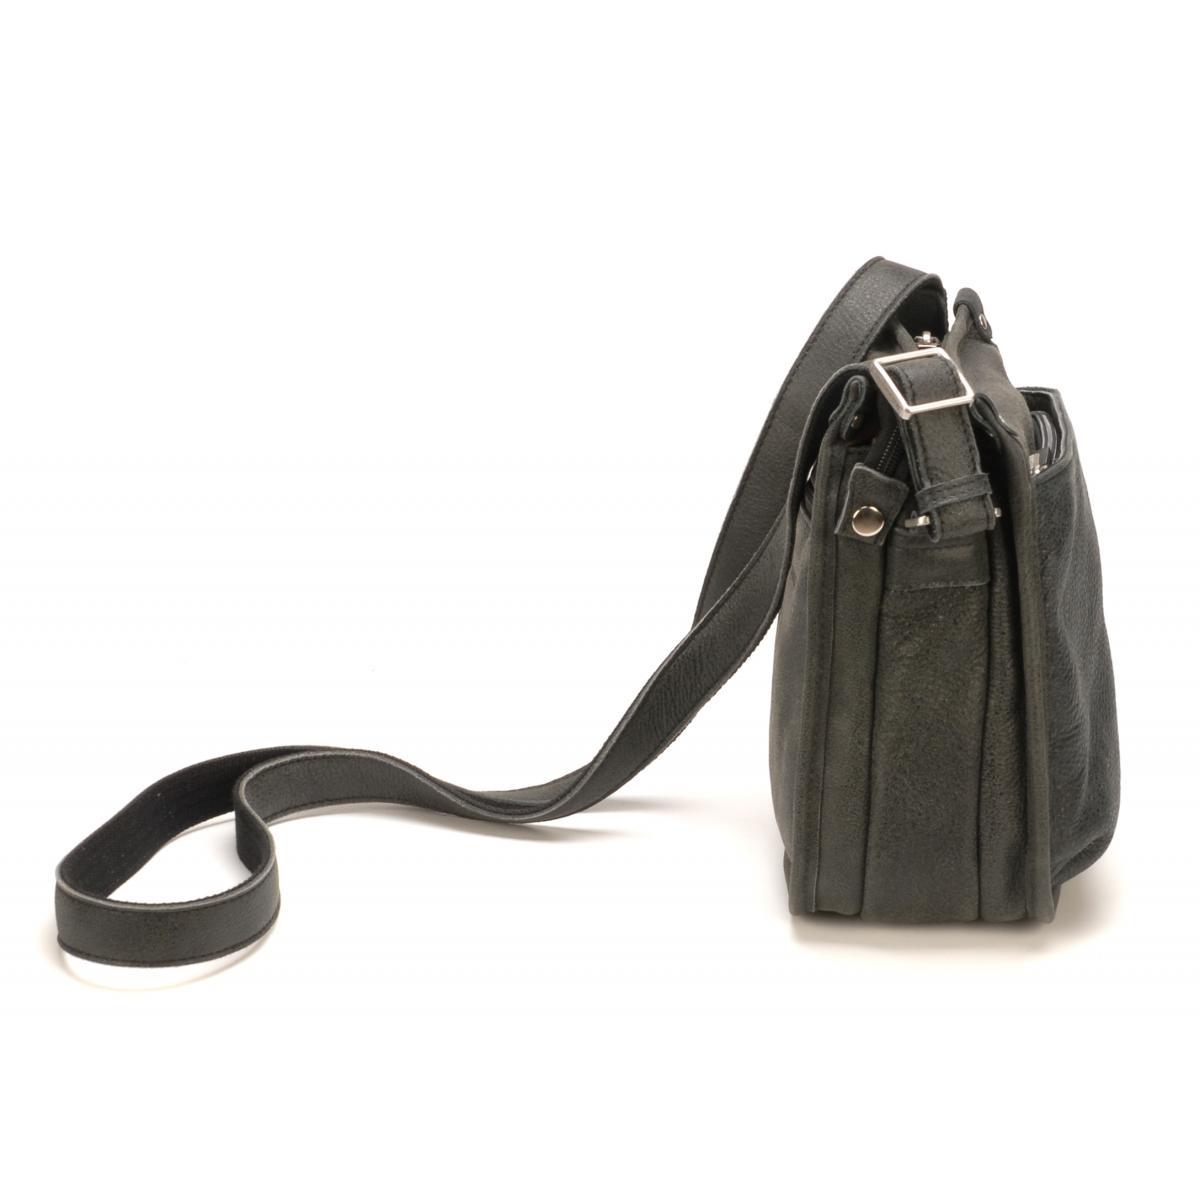 Cuir De Vachette C Est Quoi sac porte travers soufflets g/bleu - arthur & aston - cuir